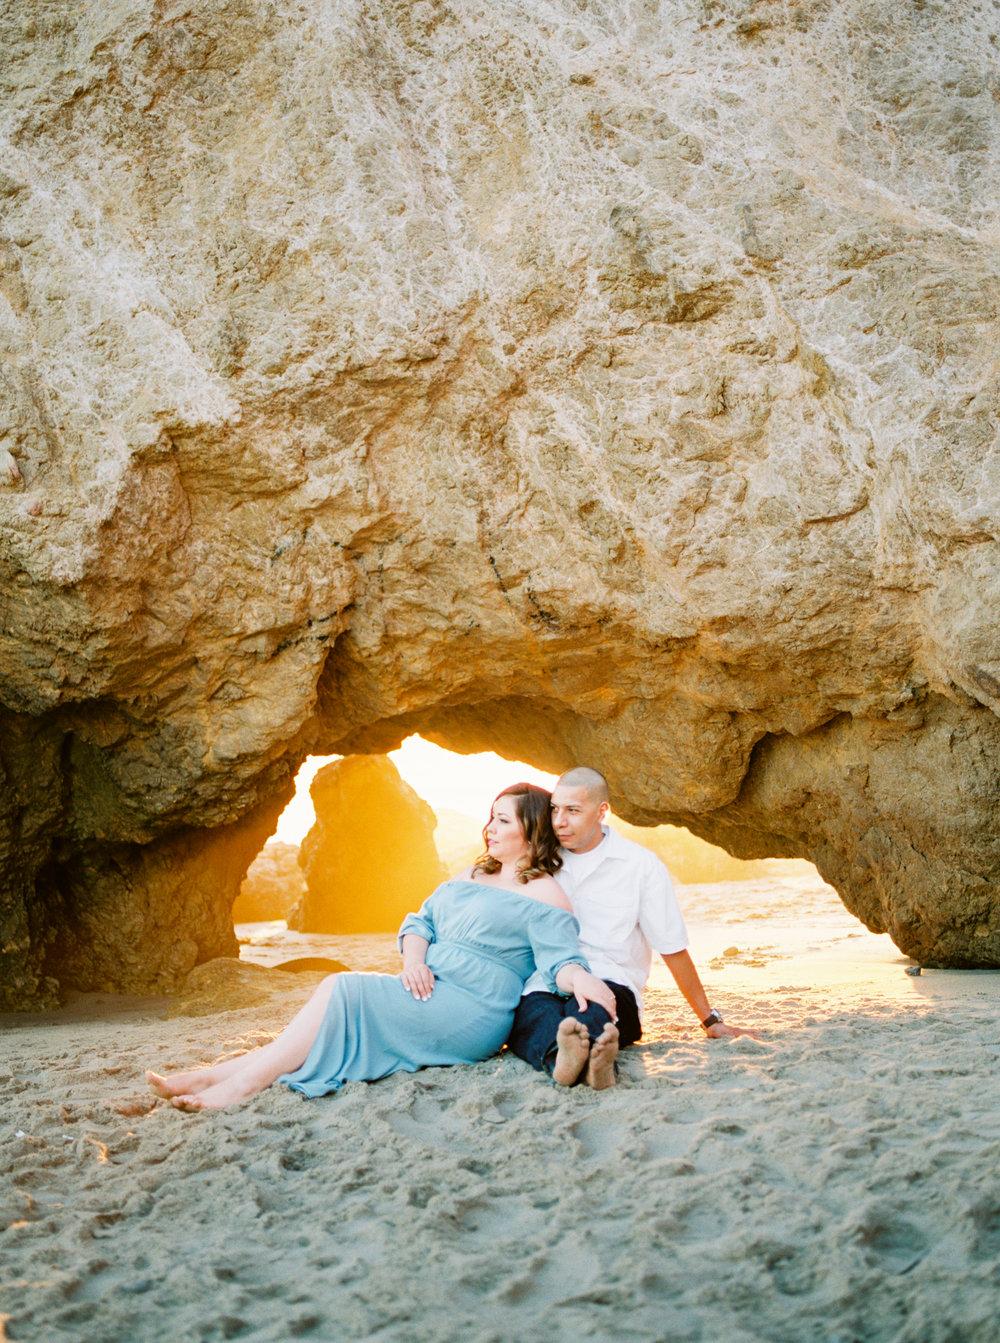 DennisRoyCoronel__LianaAlfredo_Engagement-16.jpg